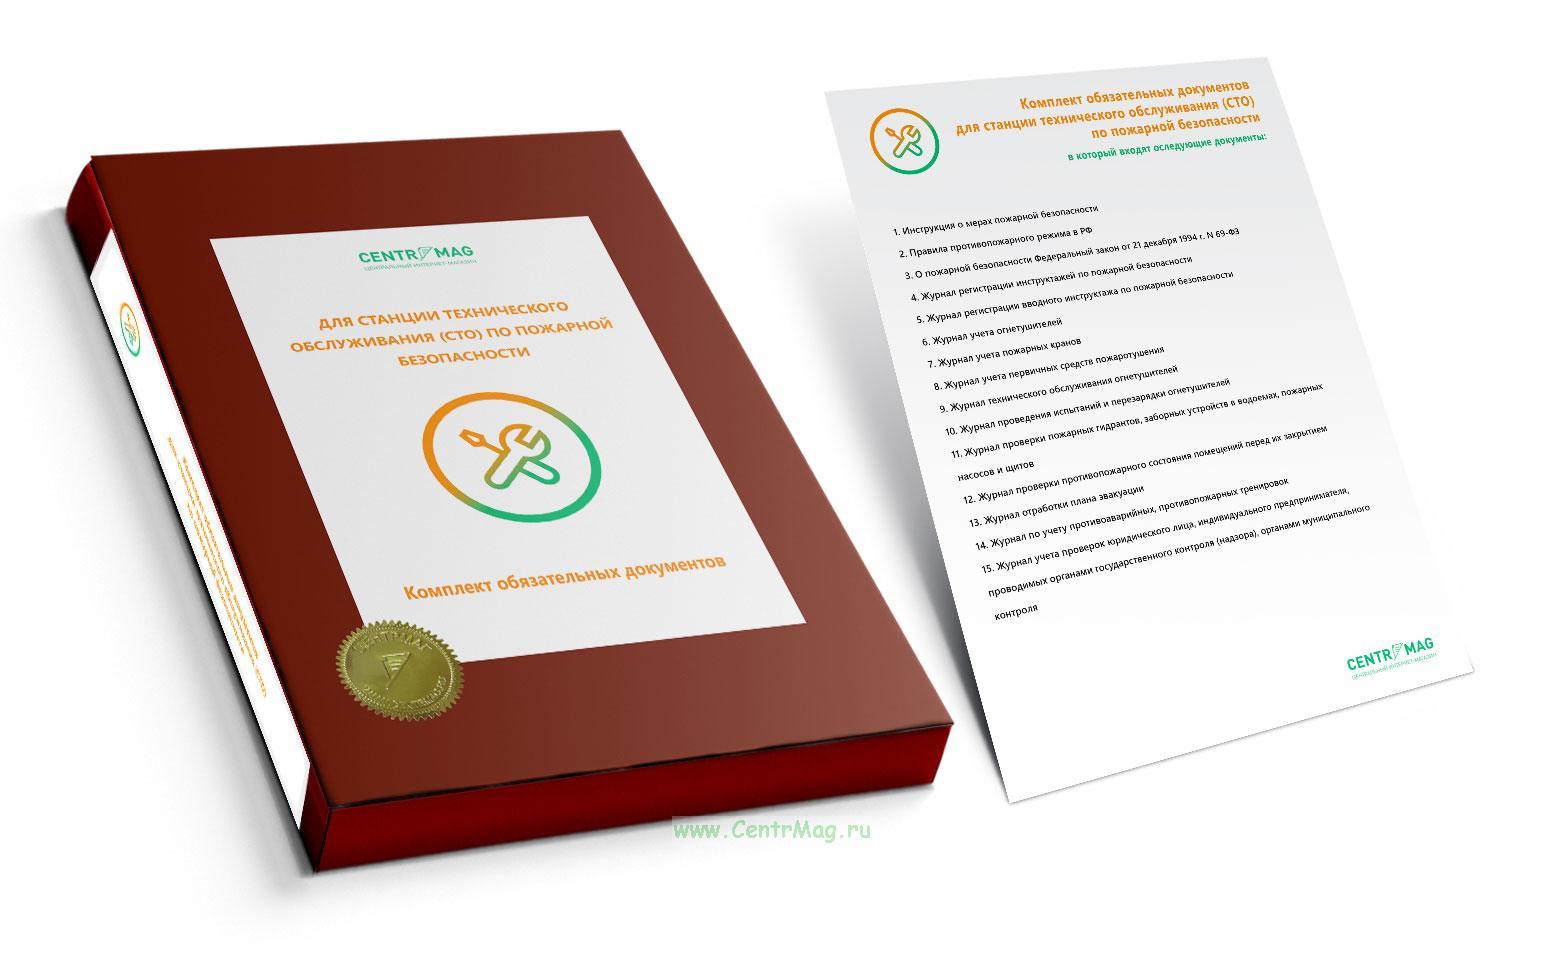 Комплект обязательных документов для станции технического обслуживания (СТО) по пожарной безопасности